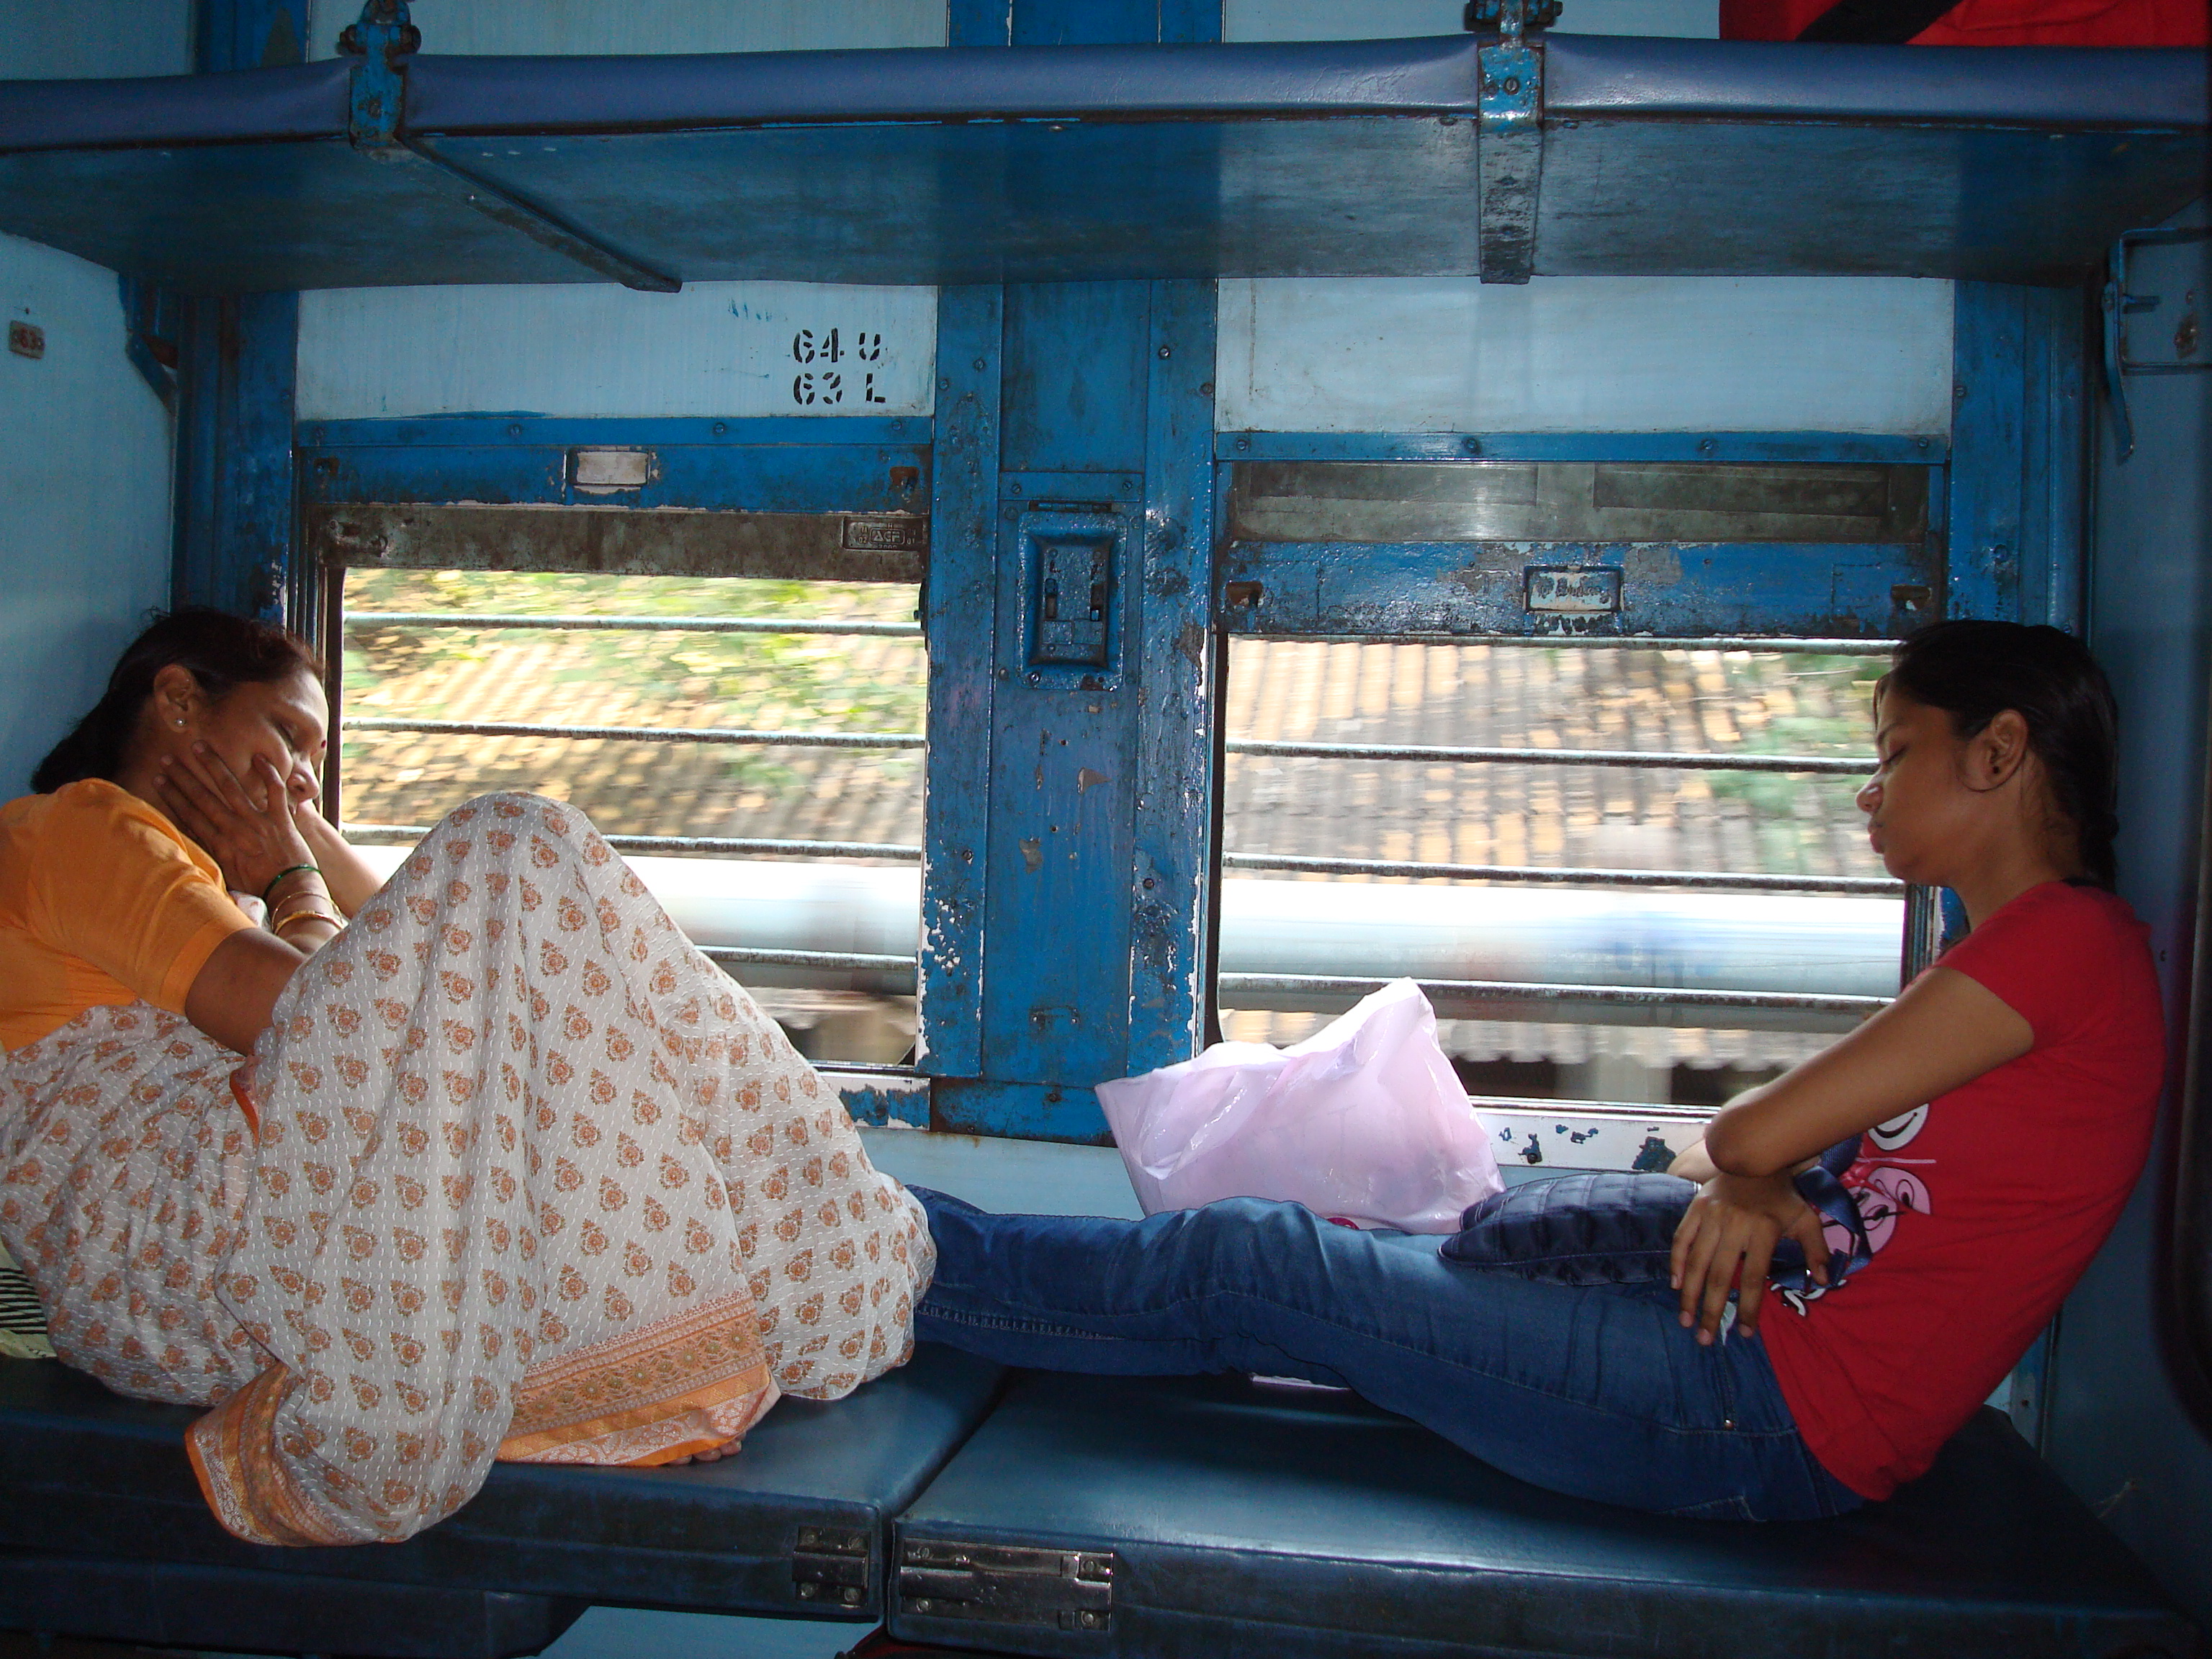 Les trajets en train en Inde réservent toujours beaucoup de surprises, les Indiens sont très curieux, ils osent aller à la rencontre des touristes et l'anglais facilite les conversations.